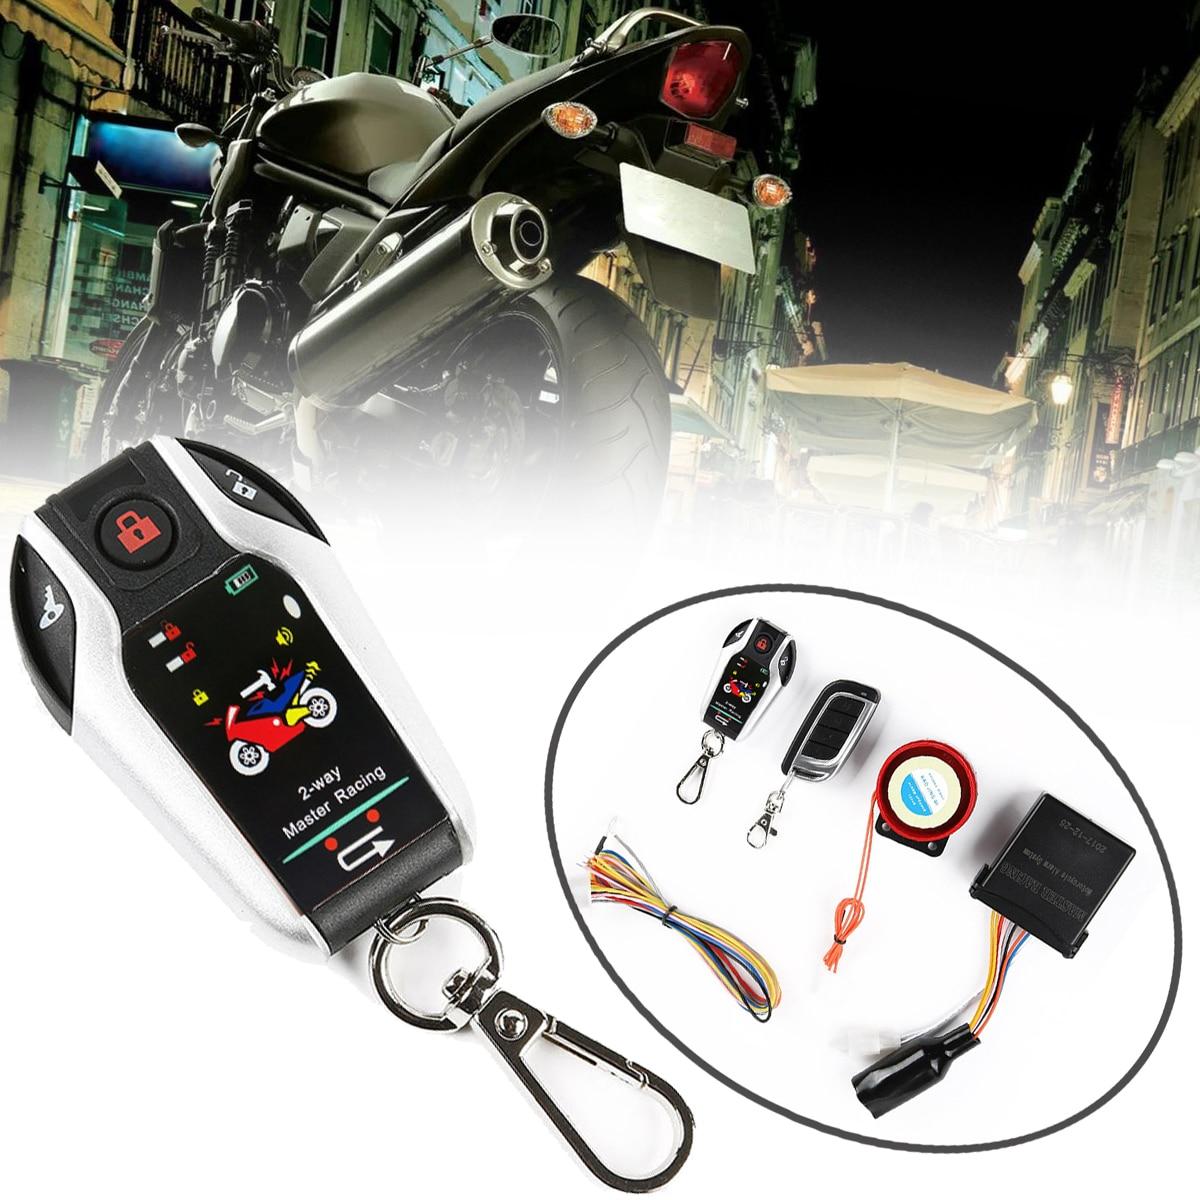 1SET système antivol alarme Moto bidirectionnelle + démarrage moteur Anti-effraction Vibration 5M capteur automatique pour Protection antivol